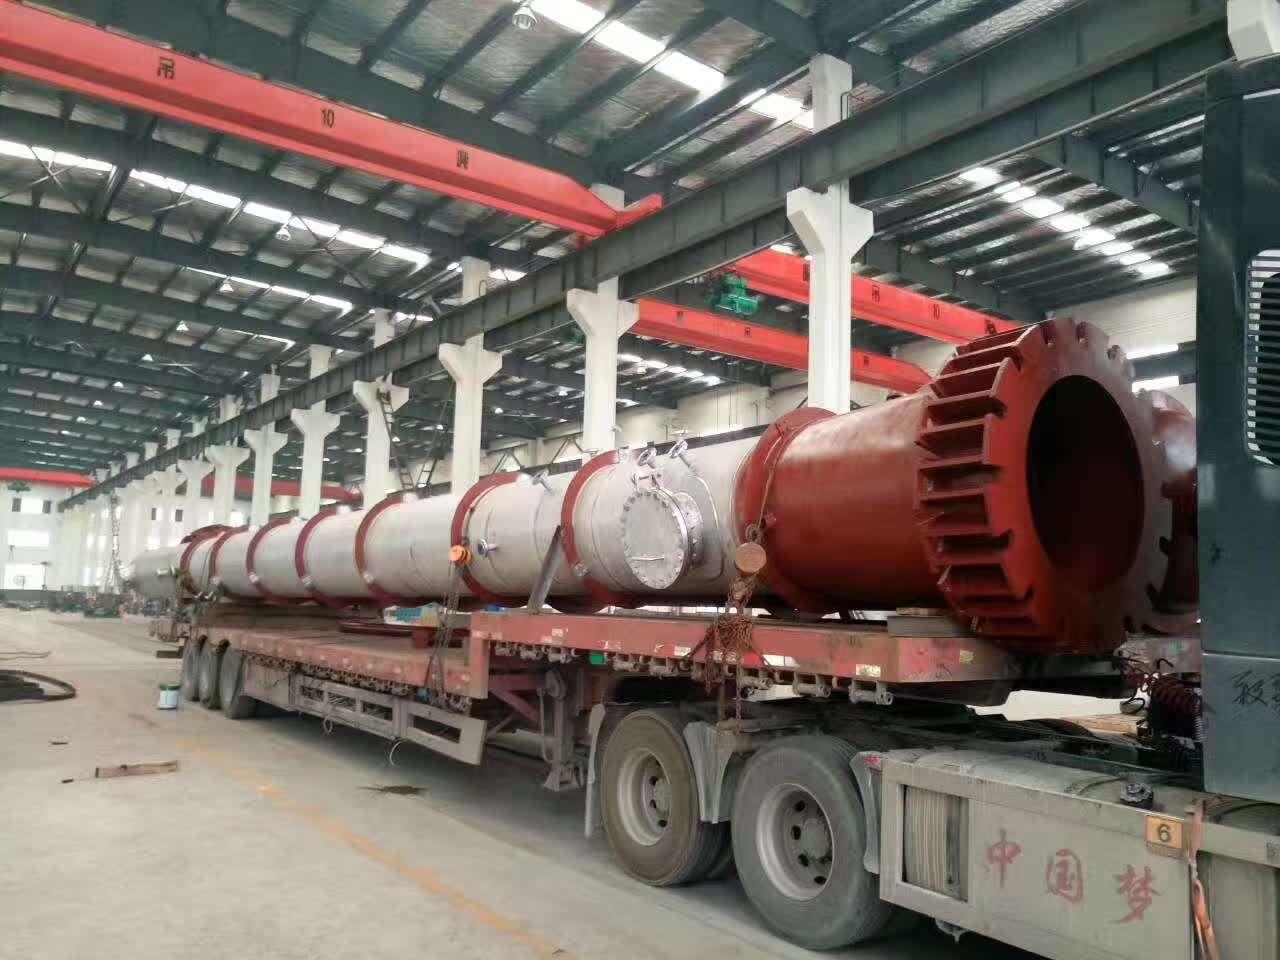 东莞常平镇整厂旧设备回收服务公司